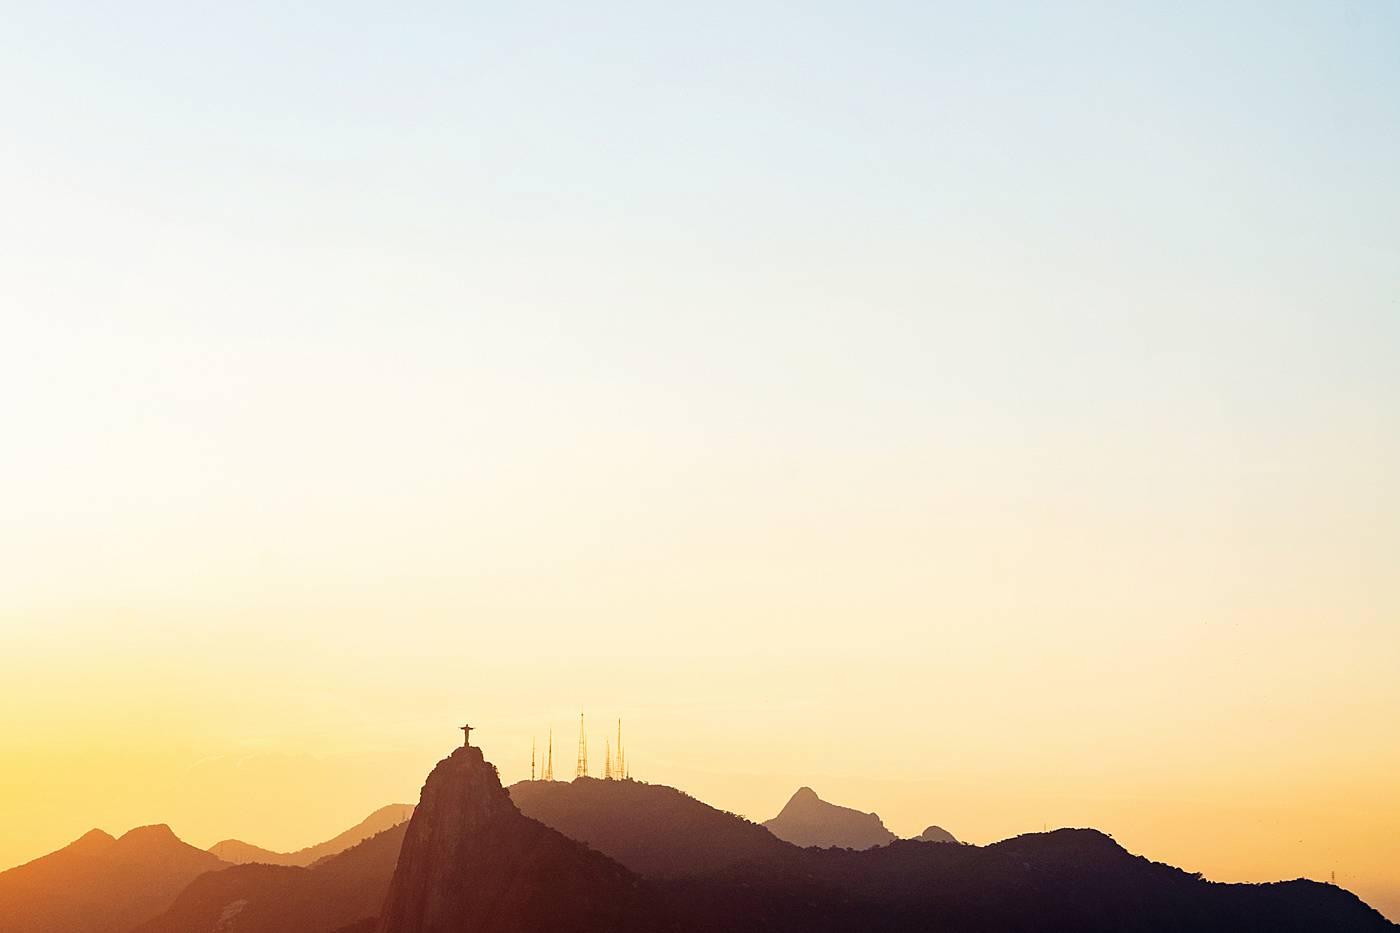 RUUDC Fotografie, rondreis Brazilie, vakantie Brazilie, road trip Brazilie, roadtrip Brazilie, reisfotografie Brazilie, reisfoto's Brazilie, Rio de Janeiro, Cristo Redentor, Porto Alegre Brazilie, 3 weken in Brazilie, reis door Brazilie, Brazilie landschap, brazilie weer, brazilie klimaat